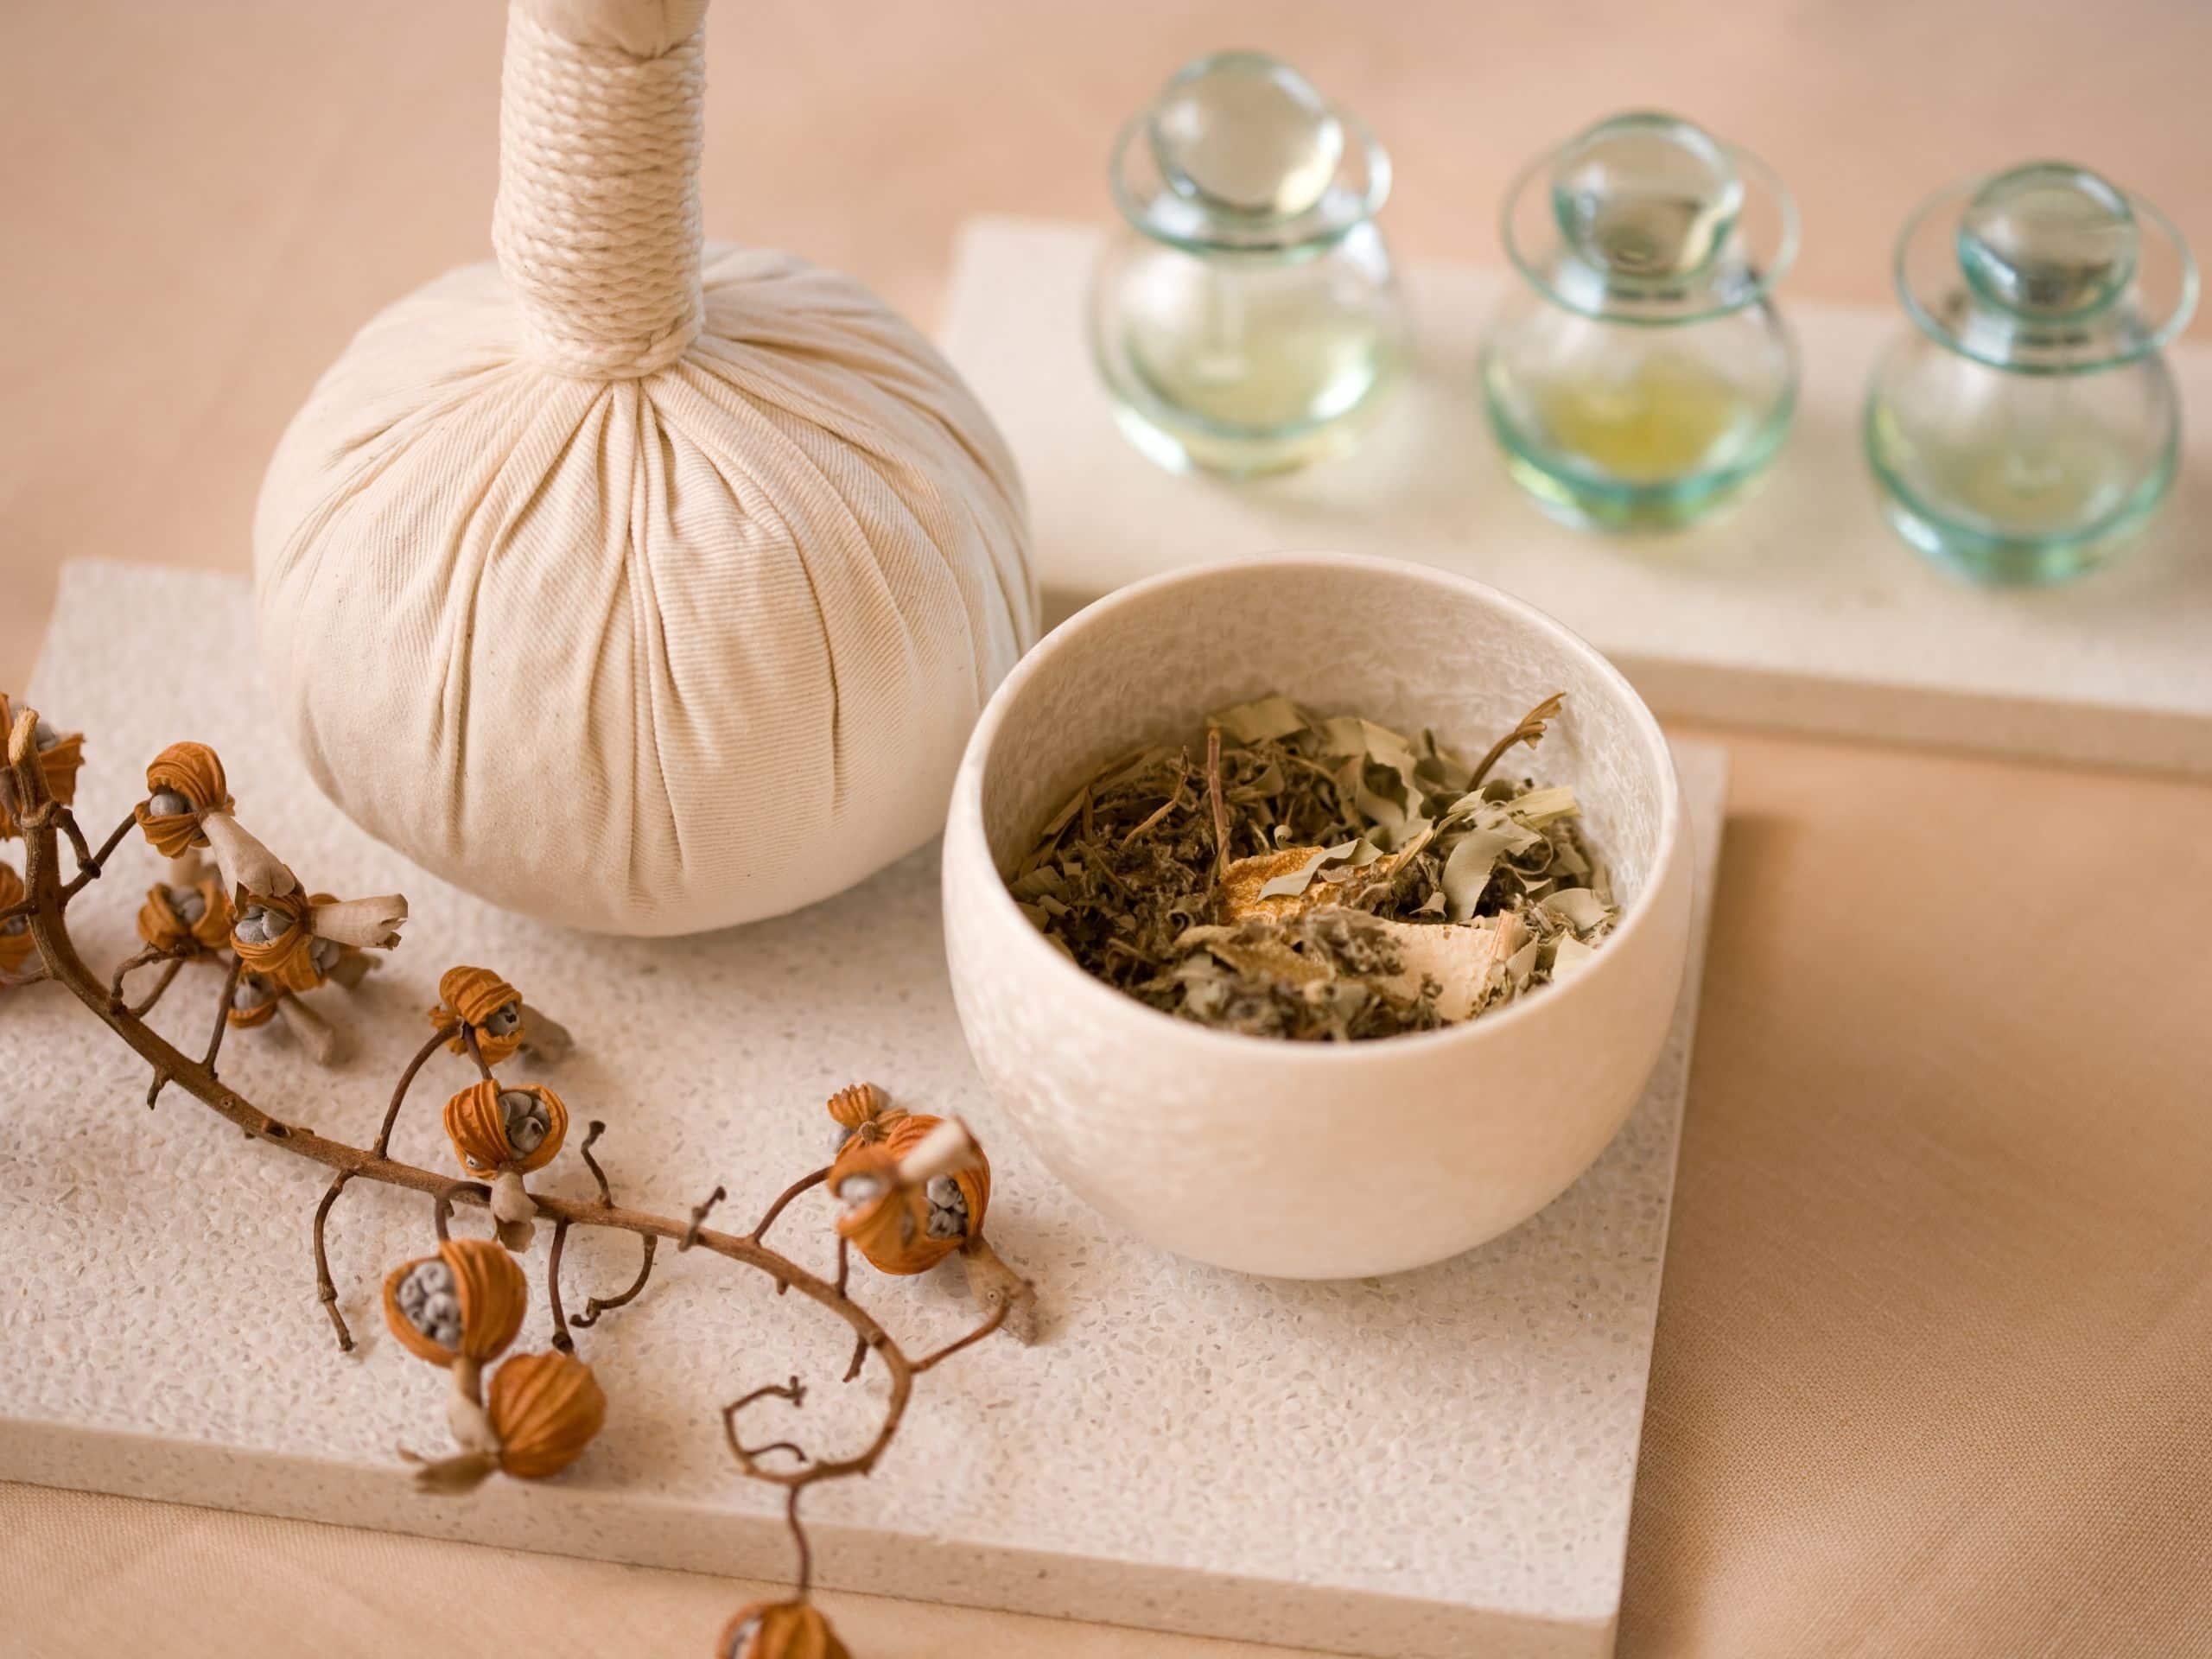 Spahanari Herbal